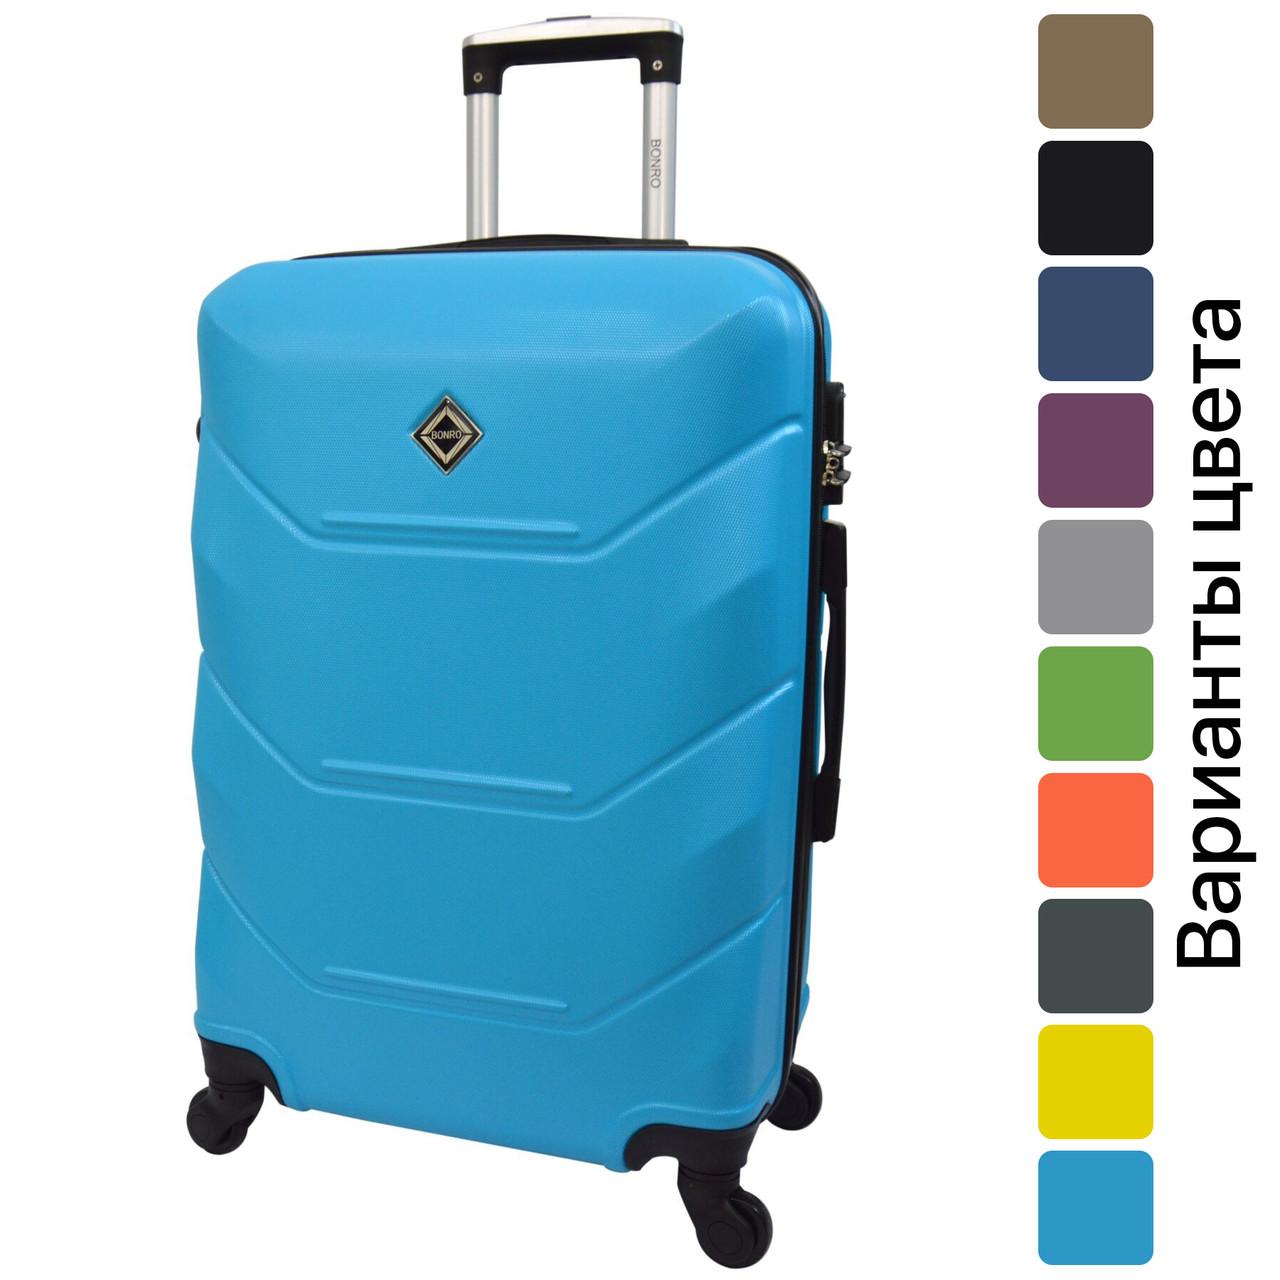 Дорожня валіза на колесах Bonro 2019 невелика